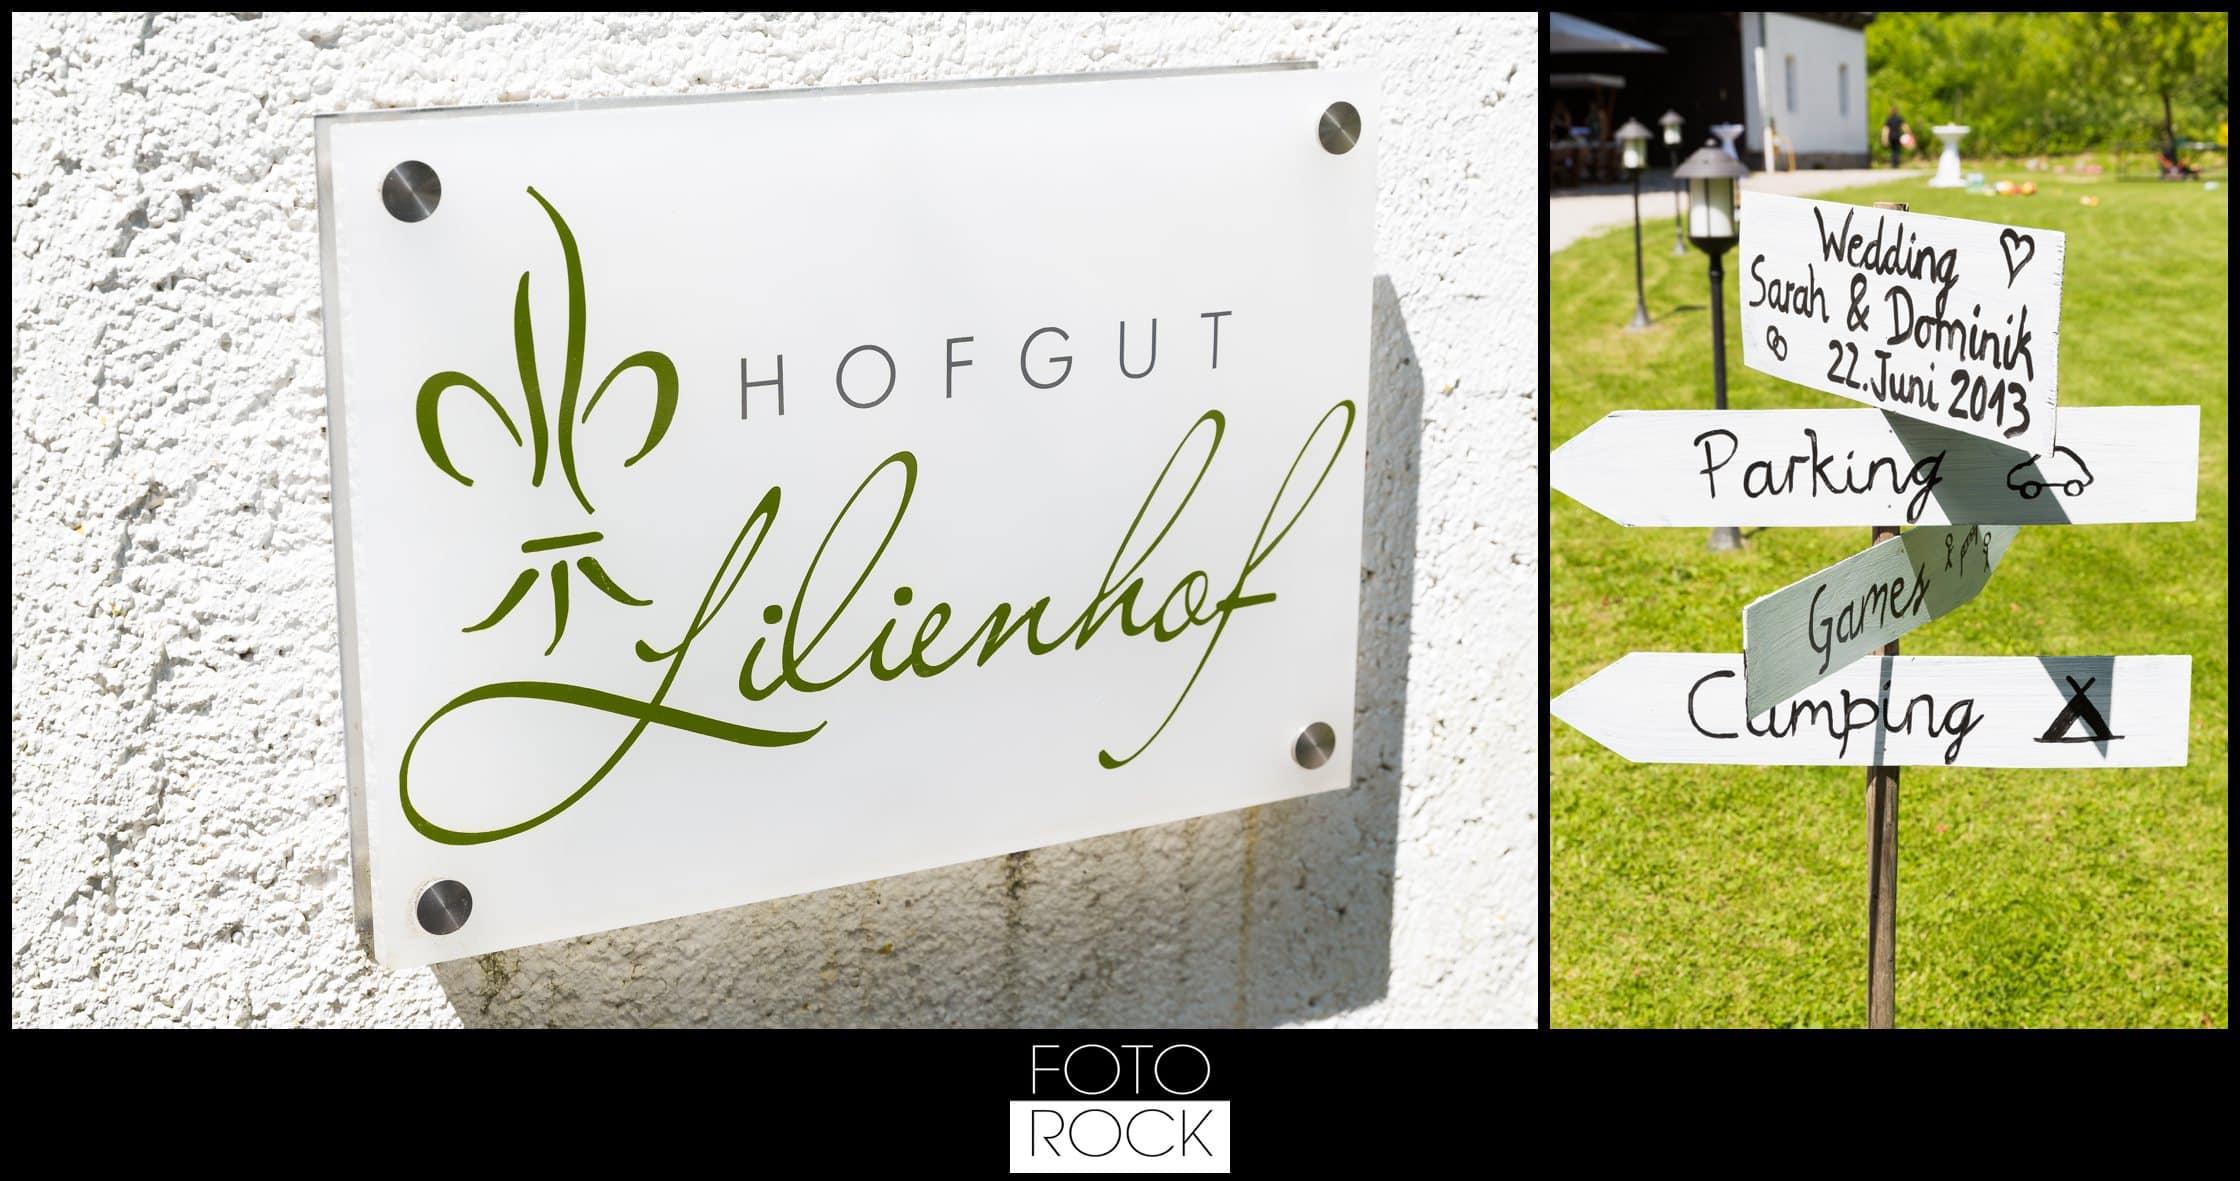 Hochzeit Lilienhof Ihringen Deko Wegweiser